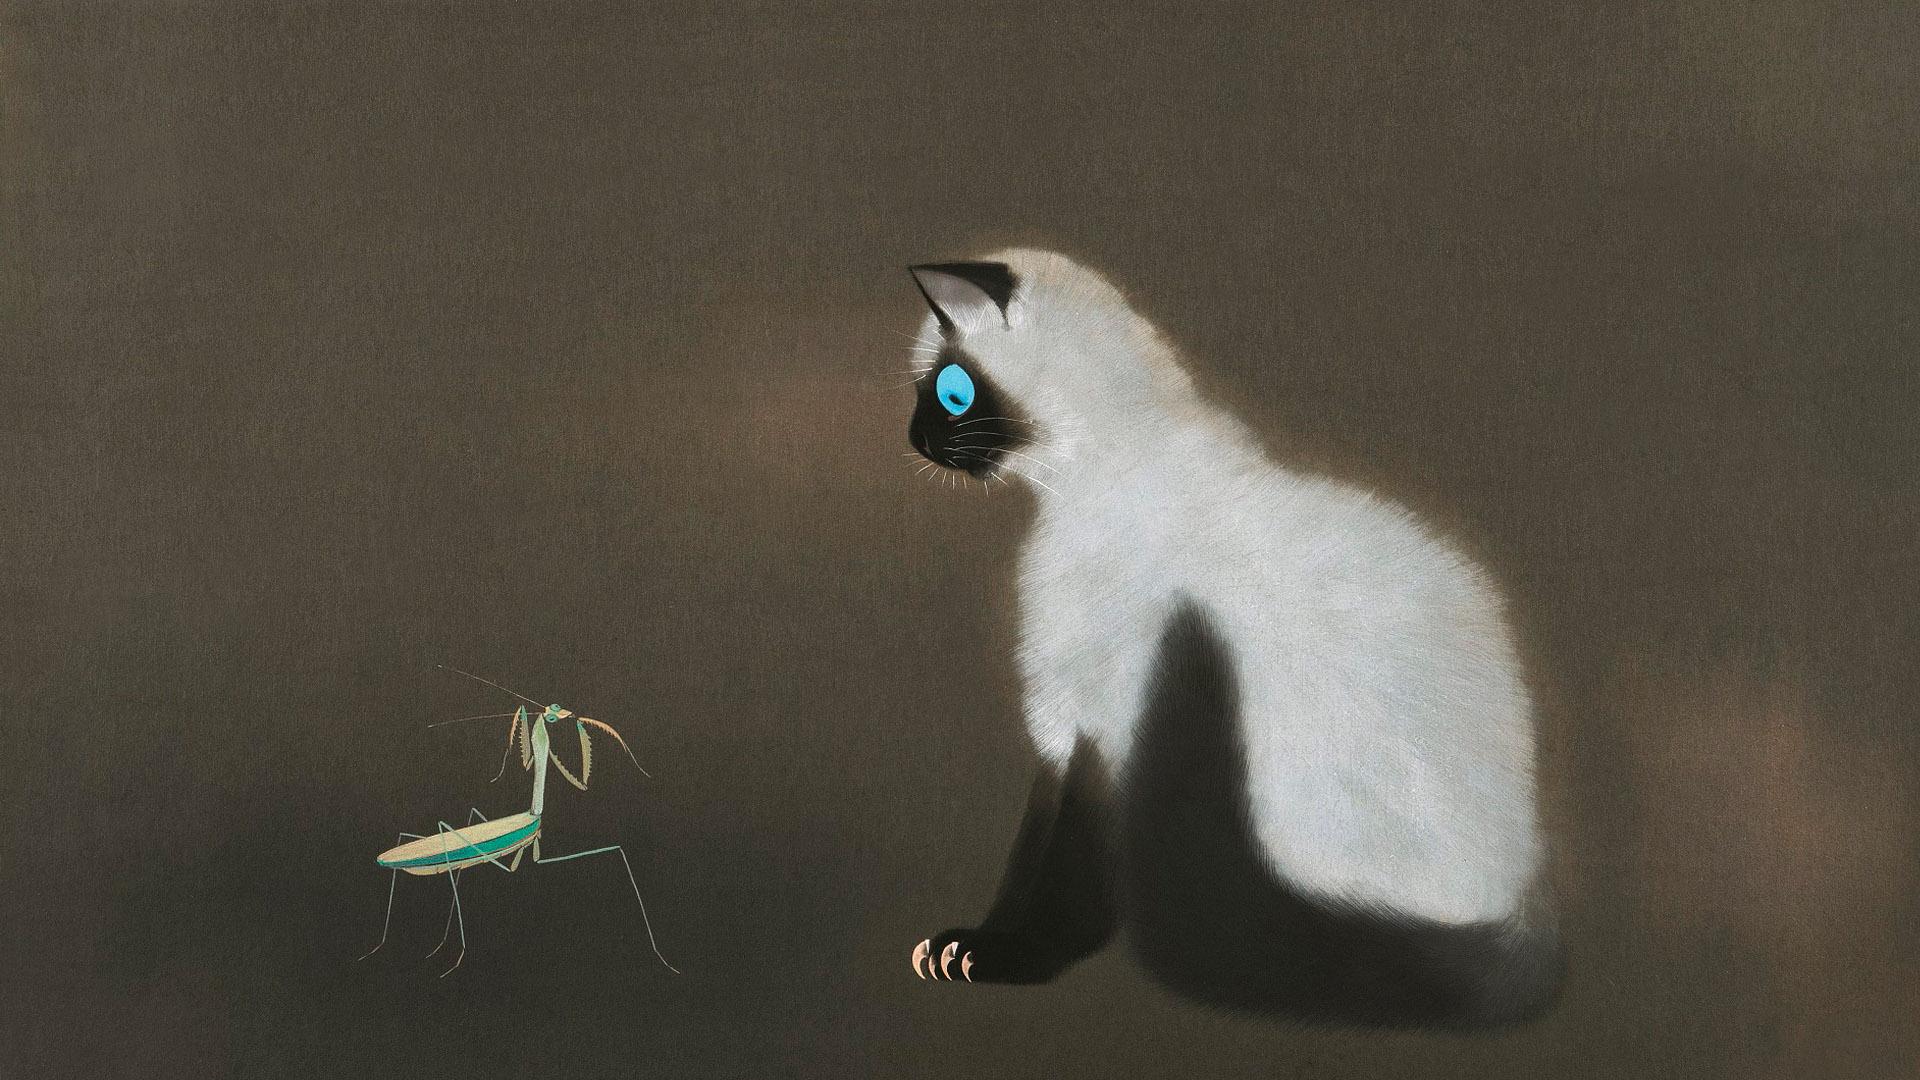 加山又造 猫 Kayama Matazo - Neko 1920x1080